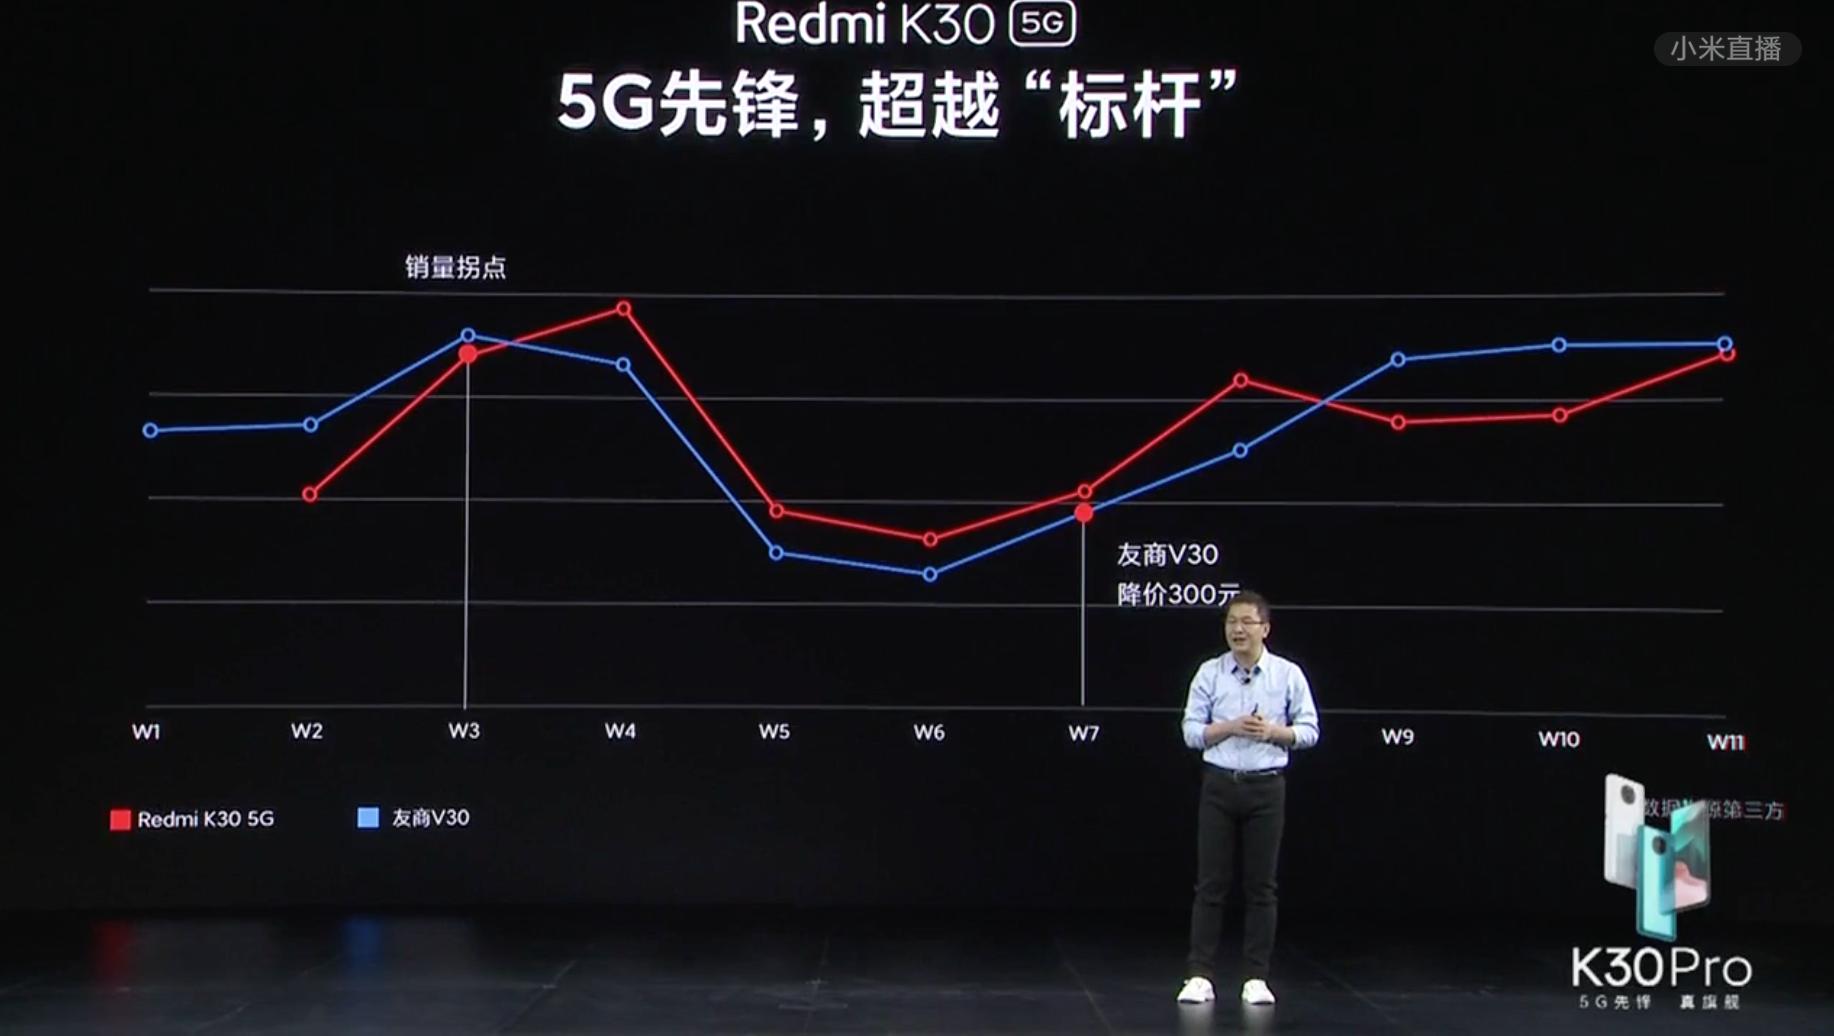 Redmi K30 Pro发布 卢伟冰誓言今年全面超越荣耀